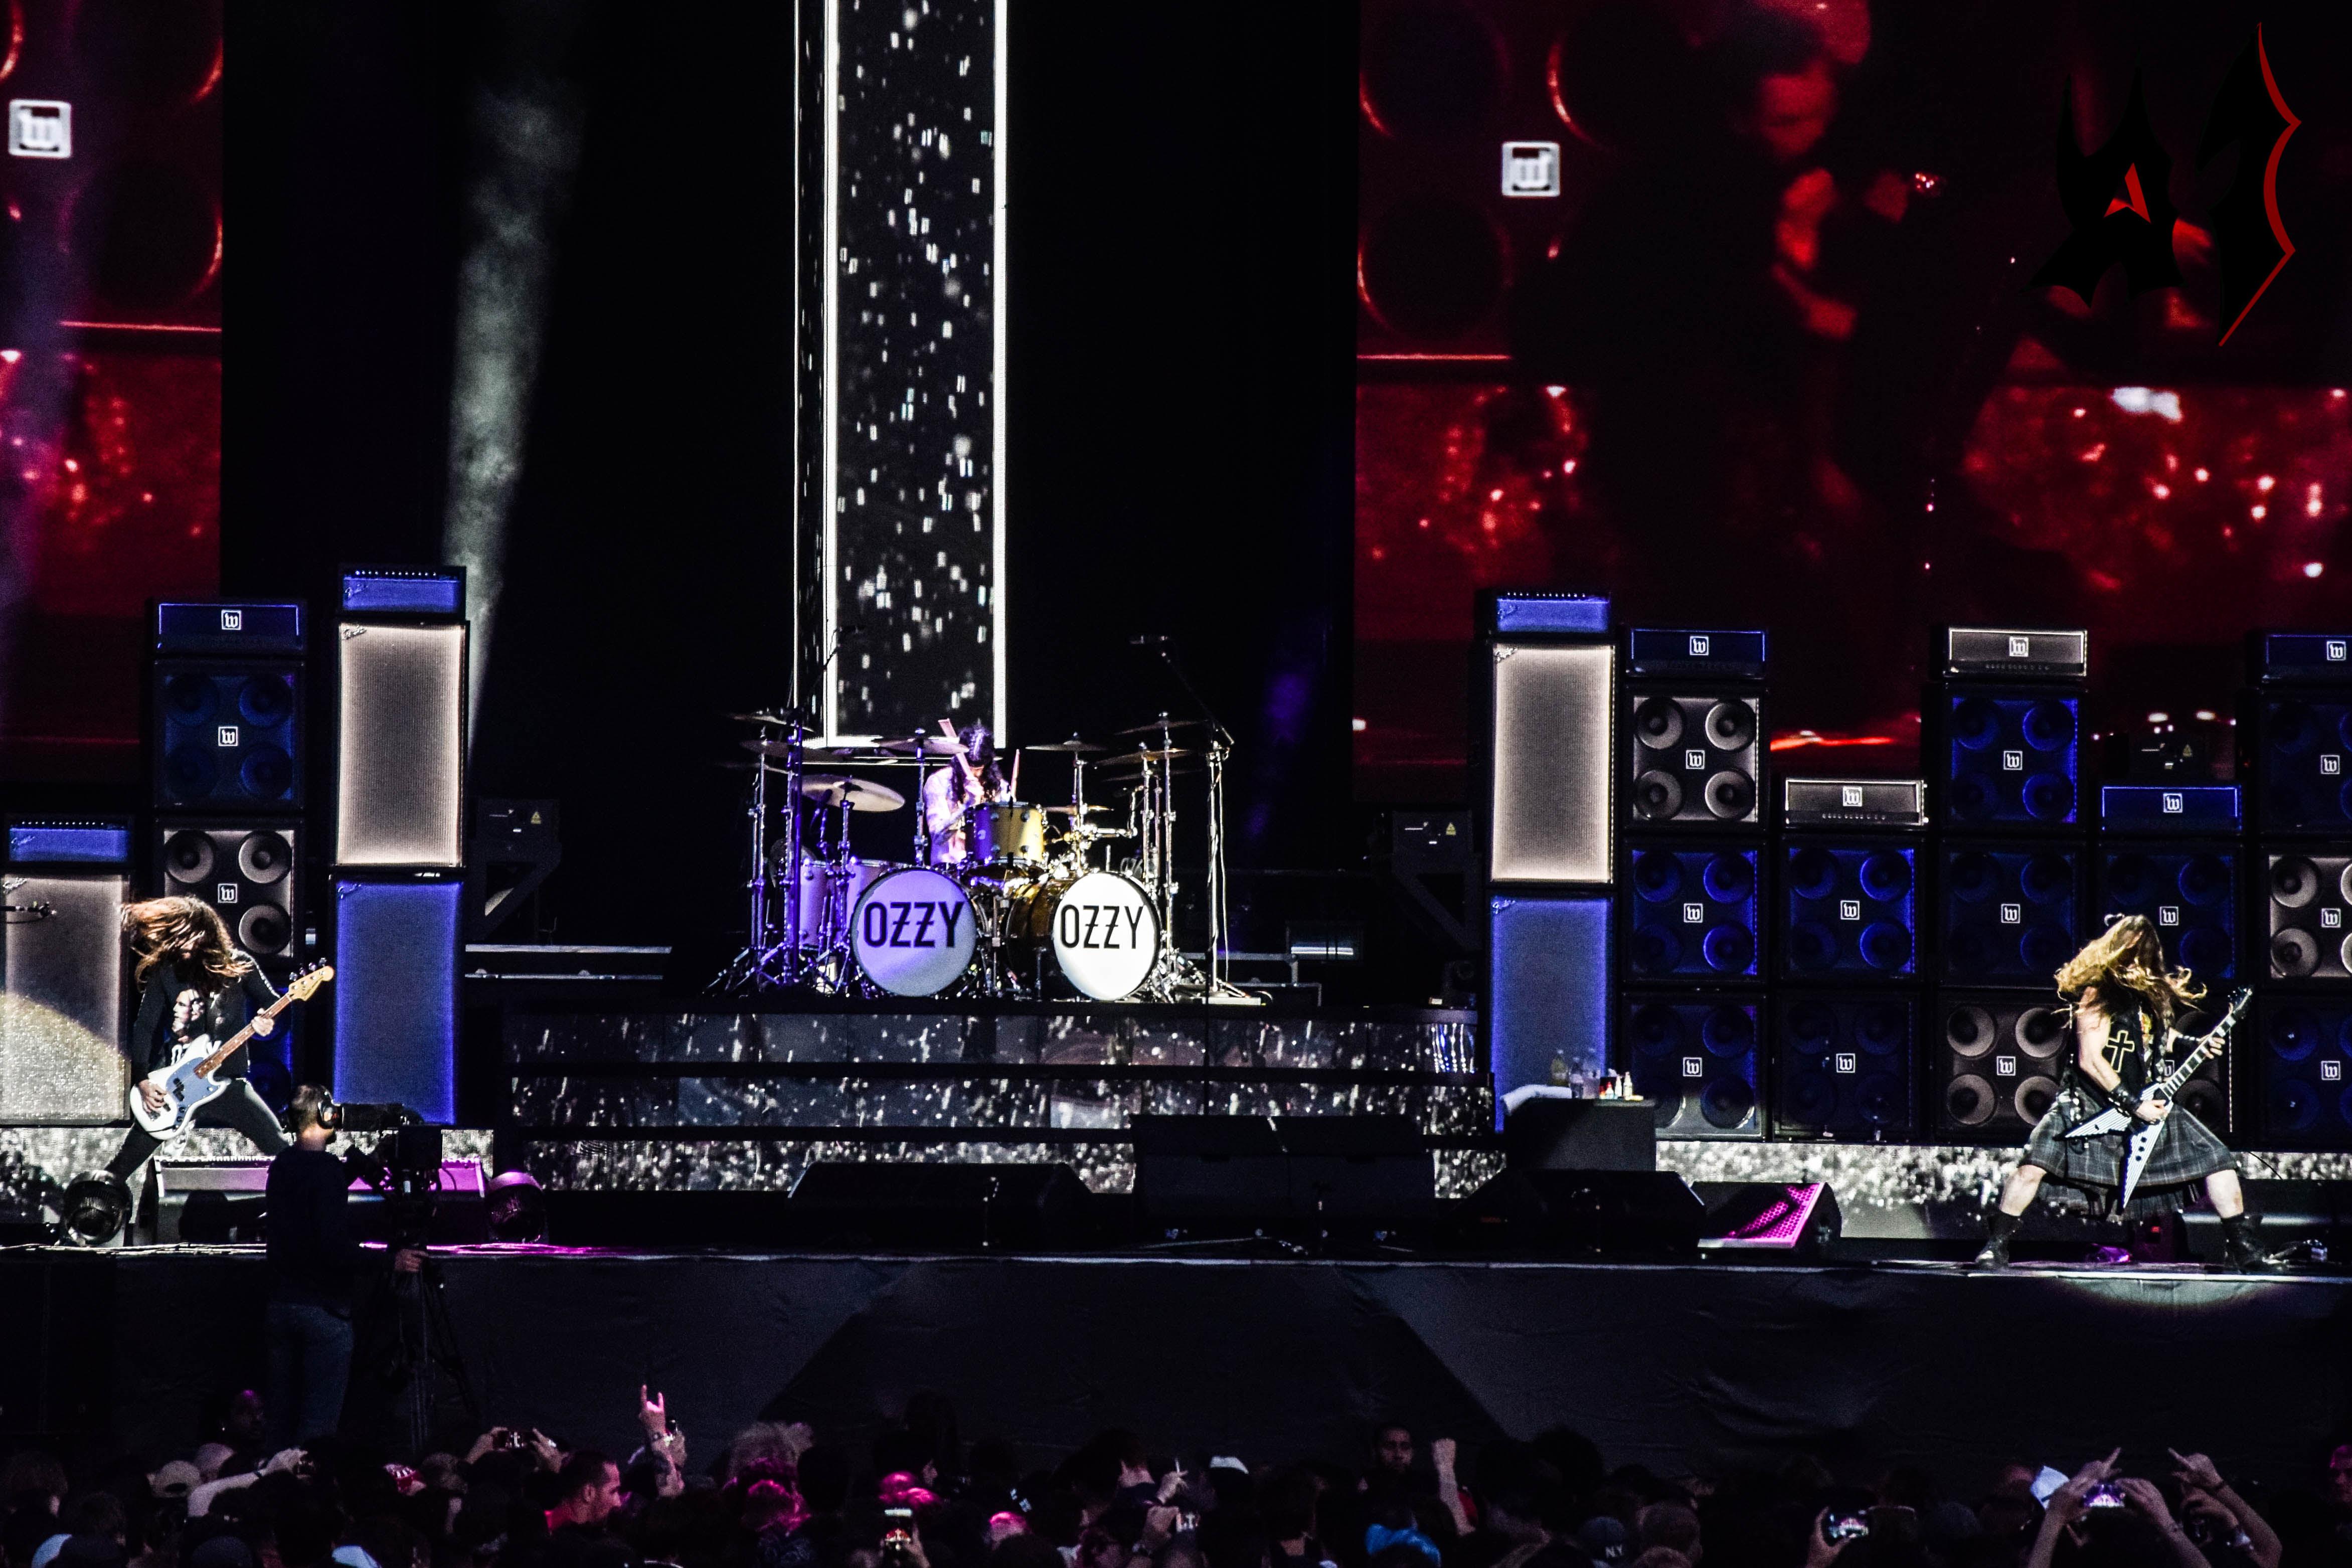 Donwload 2018 – Day 1 - Ozzy Osbourne 4